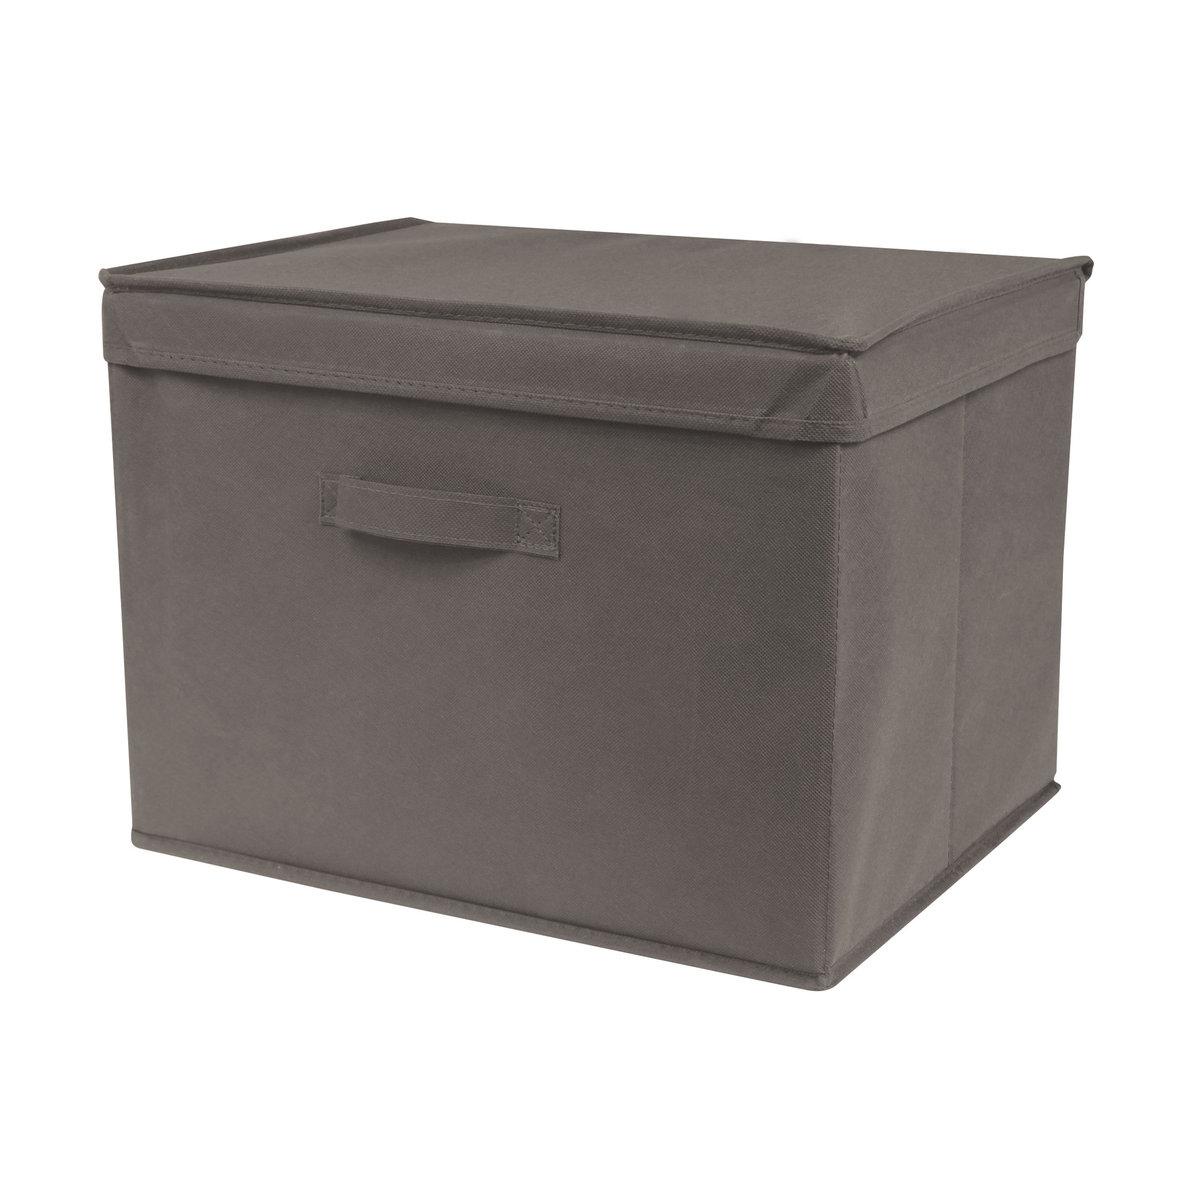 Короб для хранения 34 x 43 x 32 см, Denise